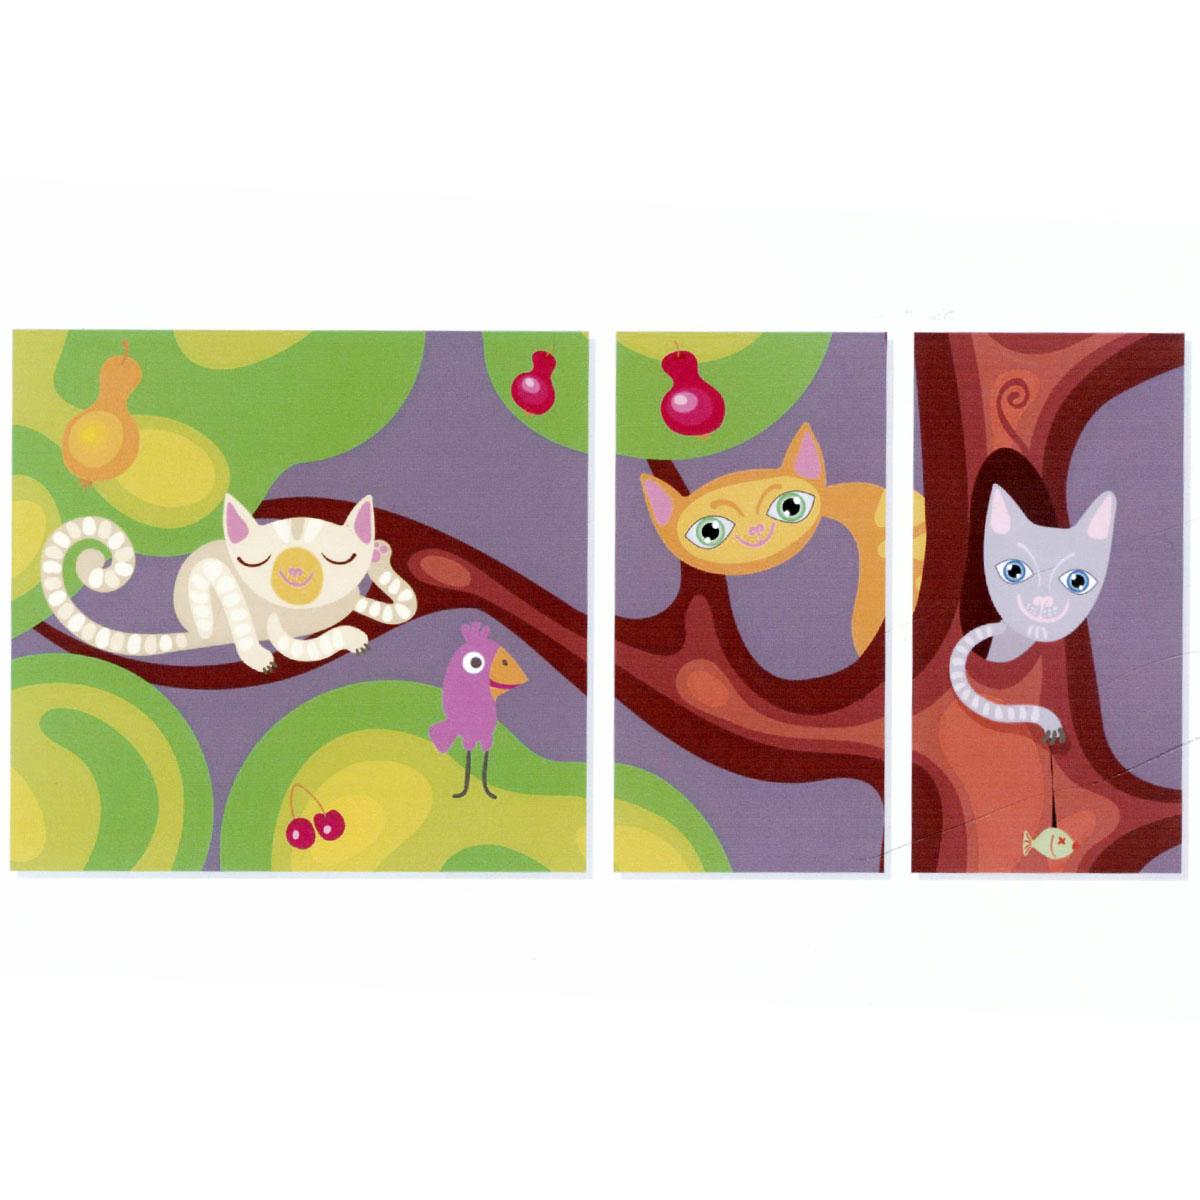 Модульная картина на холсте КвикДекор Цветные кошки, 171 см х 80 смDC-4003Модульная картина на холсте КвикДекор Цветные кошки - это прекрасное решение для декора помещения. Картина состоит из трех частей (модулей) разного размера, объединенных общей тематикой. Изображение переходит из одного модуля в другой. Модули размещаются на расстоянии 2-3 см друг от друга.Латексная печать (без запаха) на натуральном х/б холсте, галерейная натяжка на деревянные подрамники из высококачественной сосны. Такая картина будет потрясающе смотреться в детской комнате. Она сделает обстановку комфортной и уютной, а яркие краски и интересное оформление обязательно понравятся вашему малышу. Картина в стрейч-пленке с защитными картонными уголками упакована в гофрокоробку с термоусадкой. Размер модулей: 85 см х 80 см (1 шт); 40 см х 80 см (2 шт). Количество модулей: 3 шт. Общий размер картины: 171 см х 80 см. Художник: Анна Морозова.